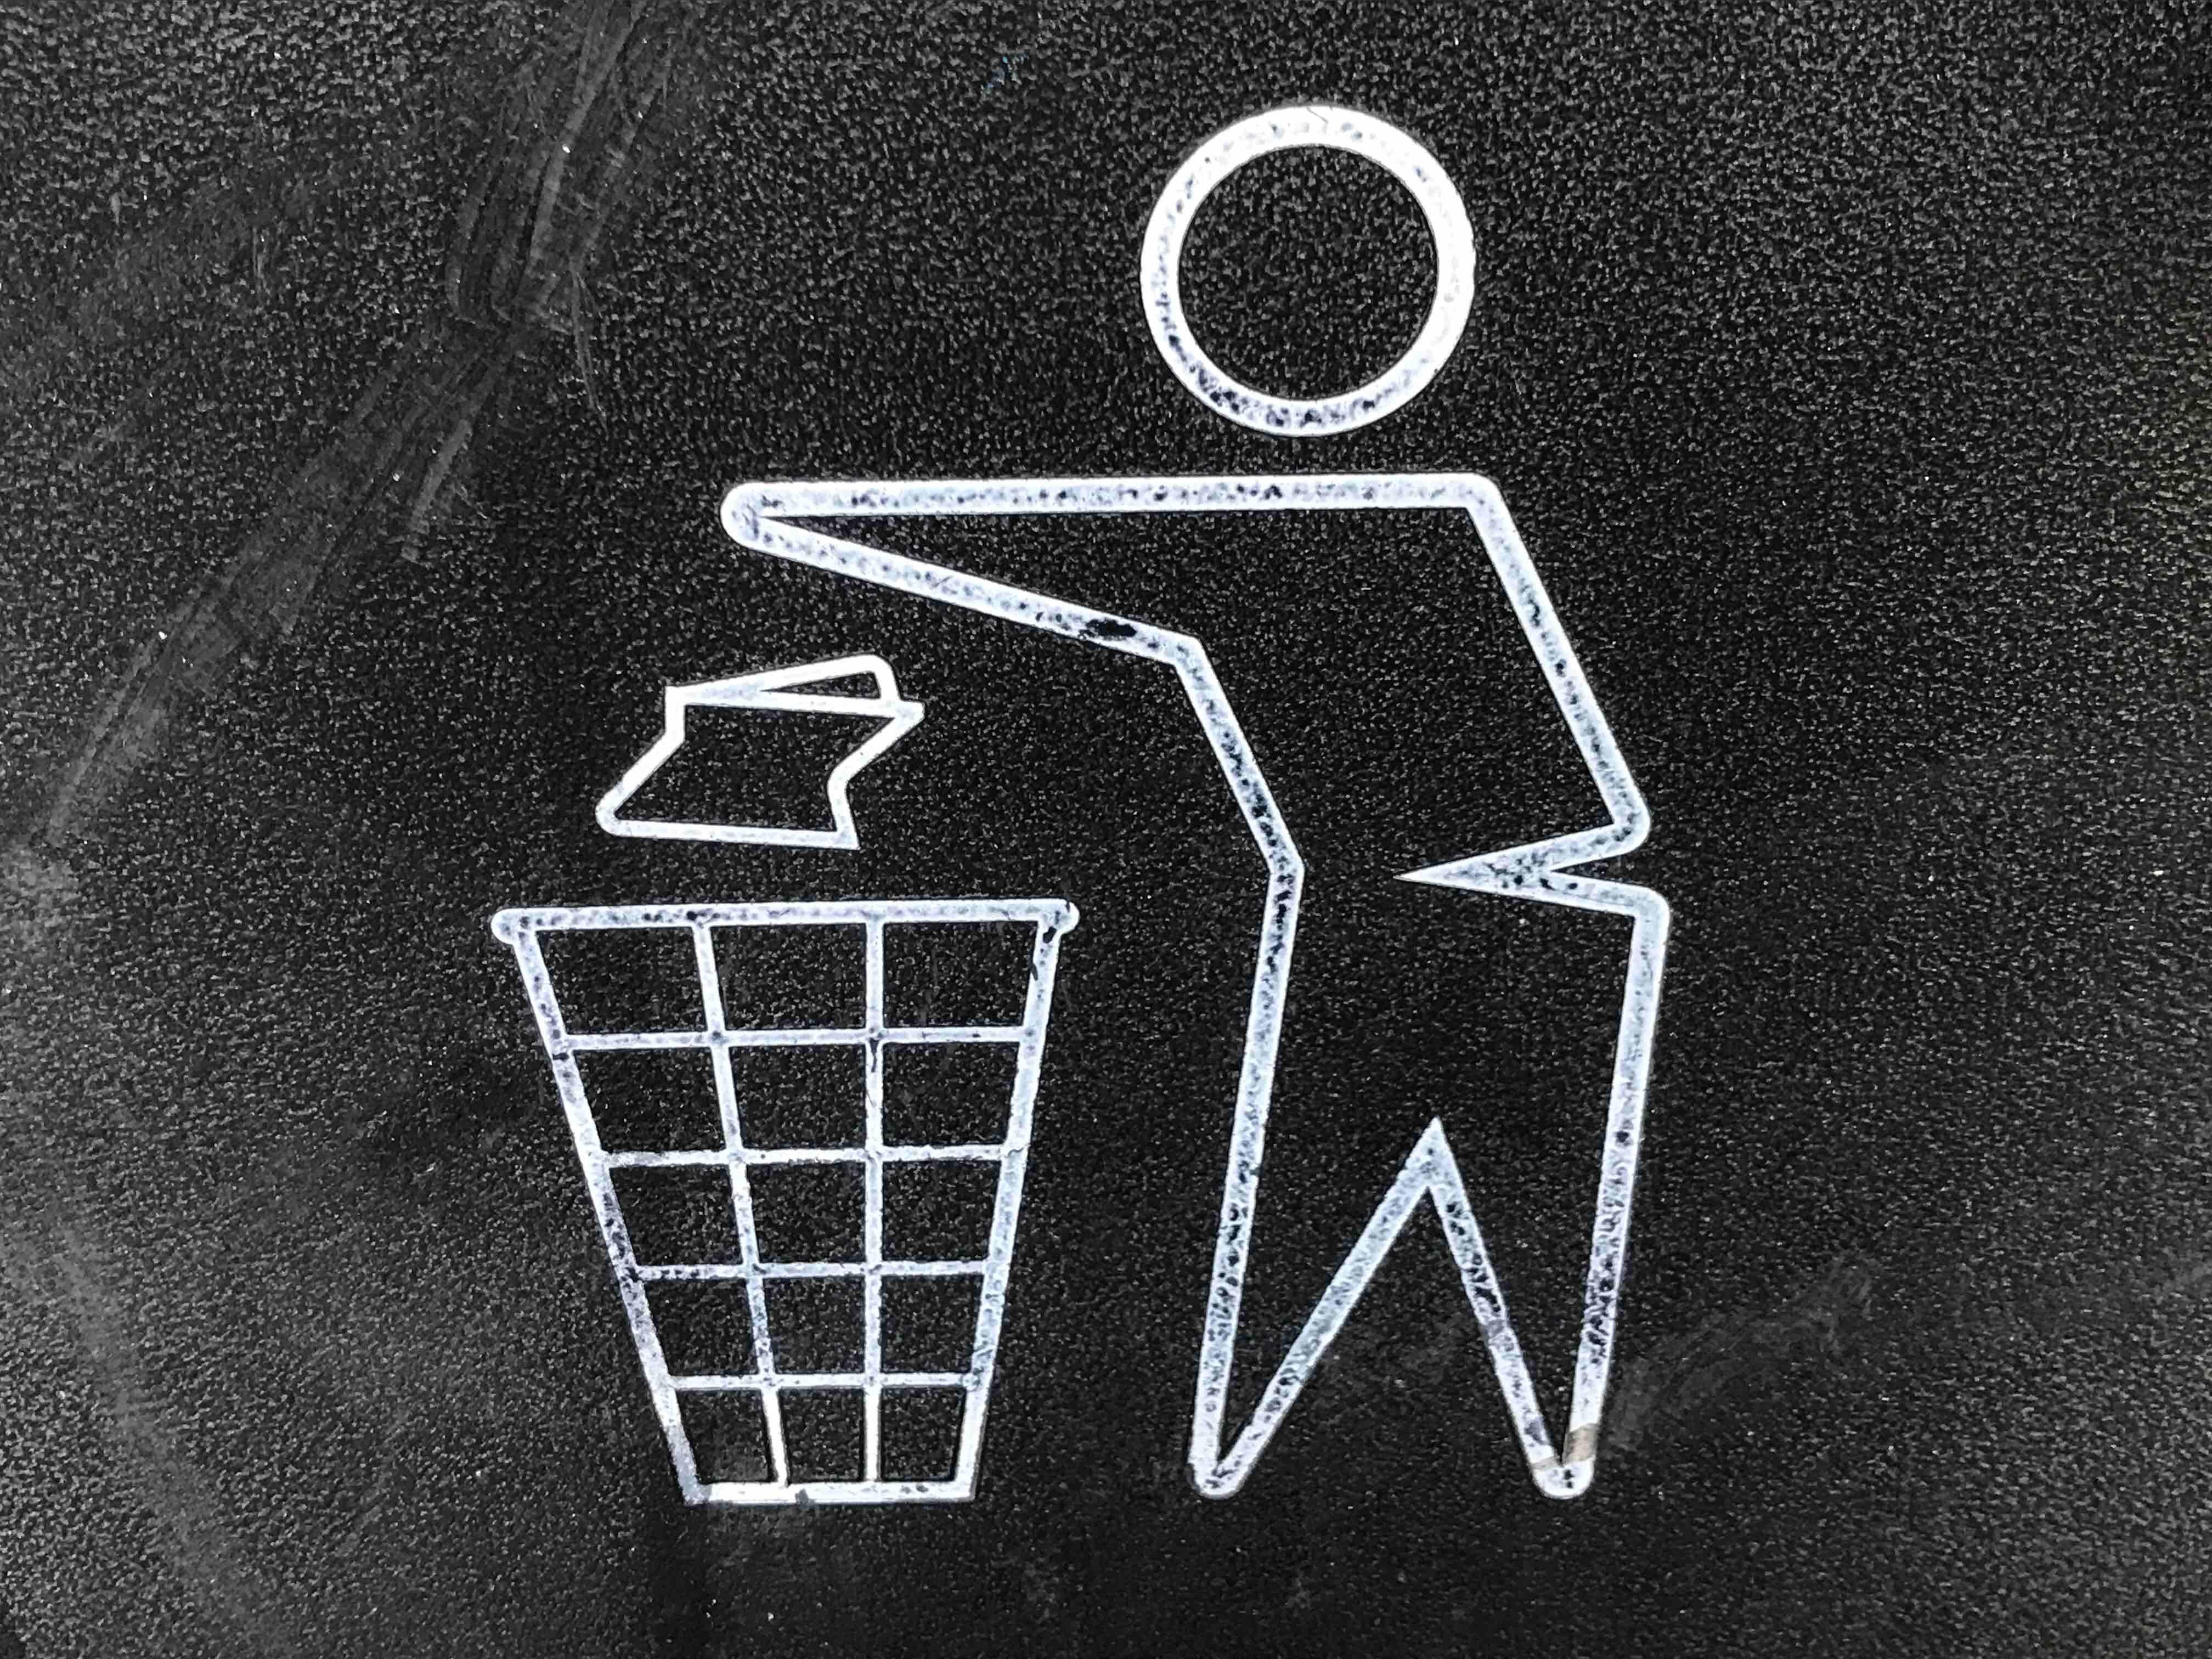 Mobilna zbiórka odpadów niebezpiecznych i elektrośmieci